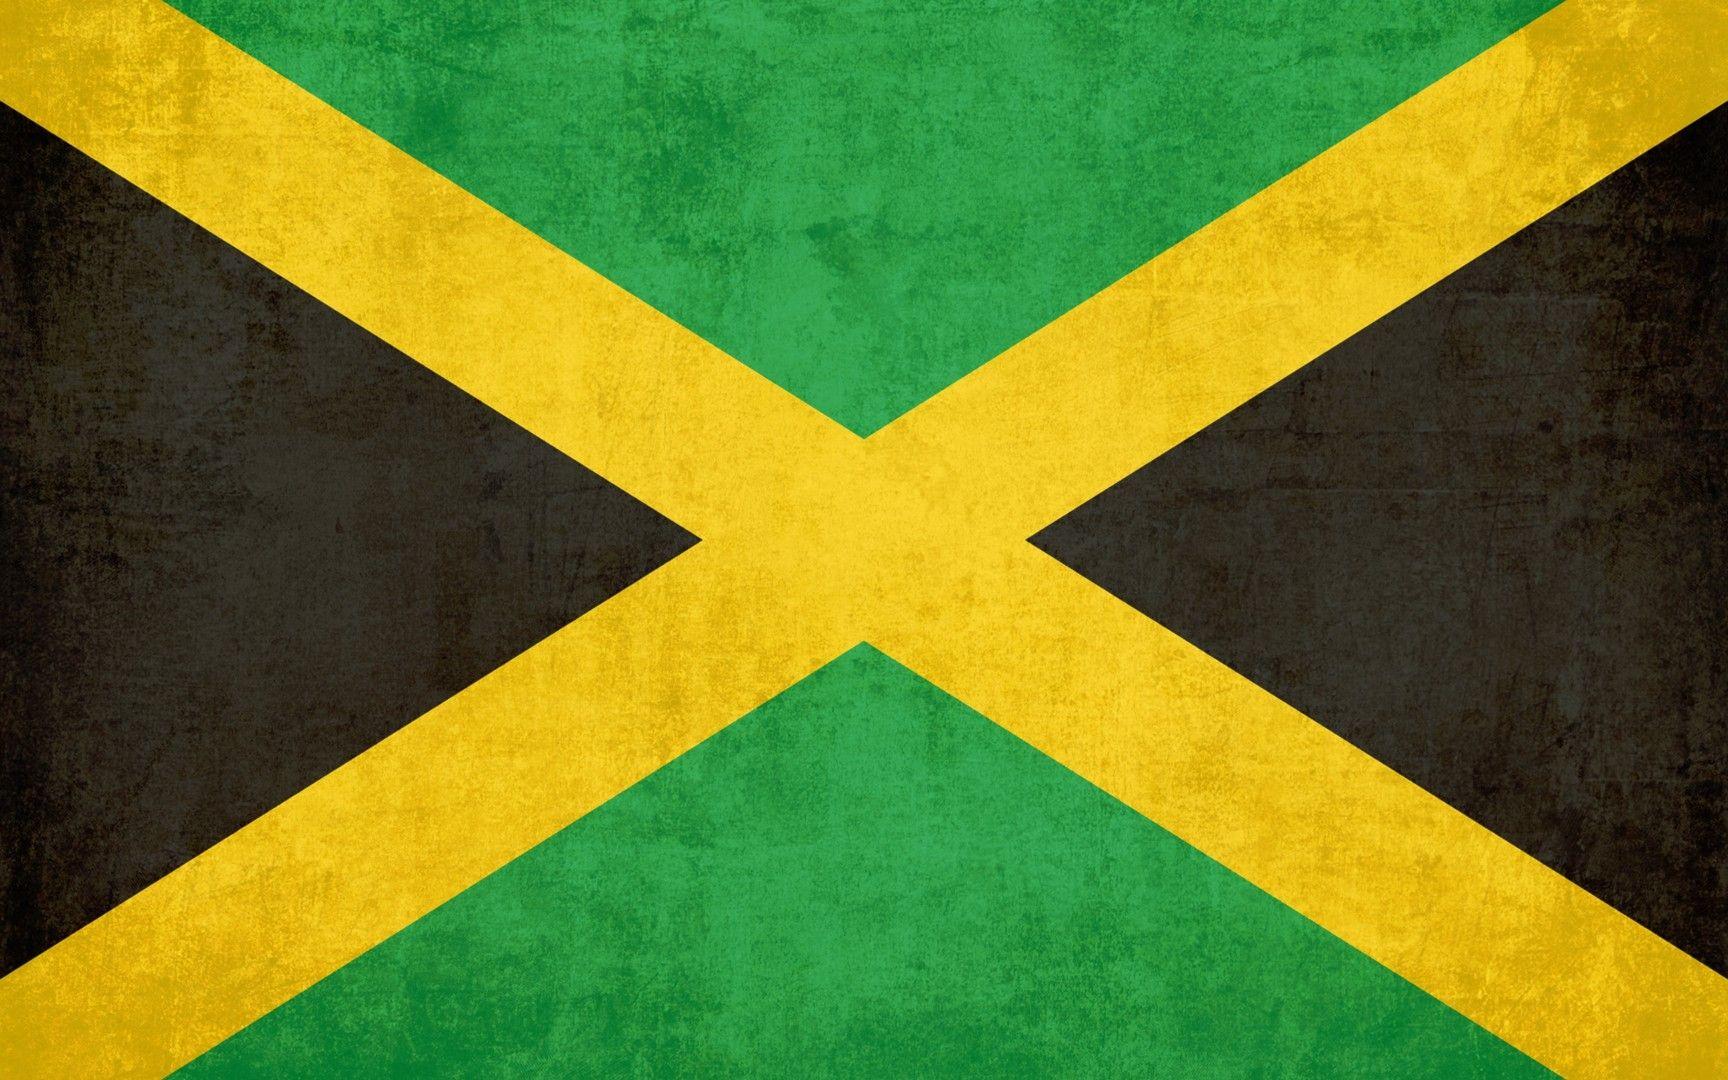 flag of jamaica wallpaper education pinterest flag